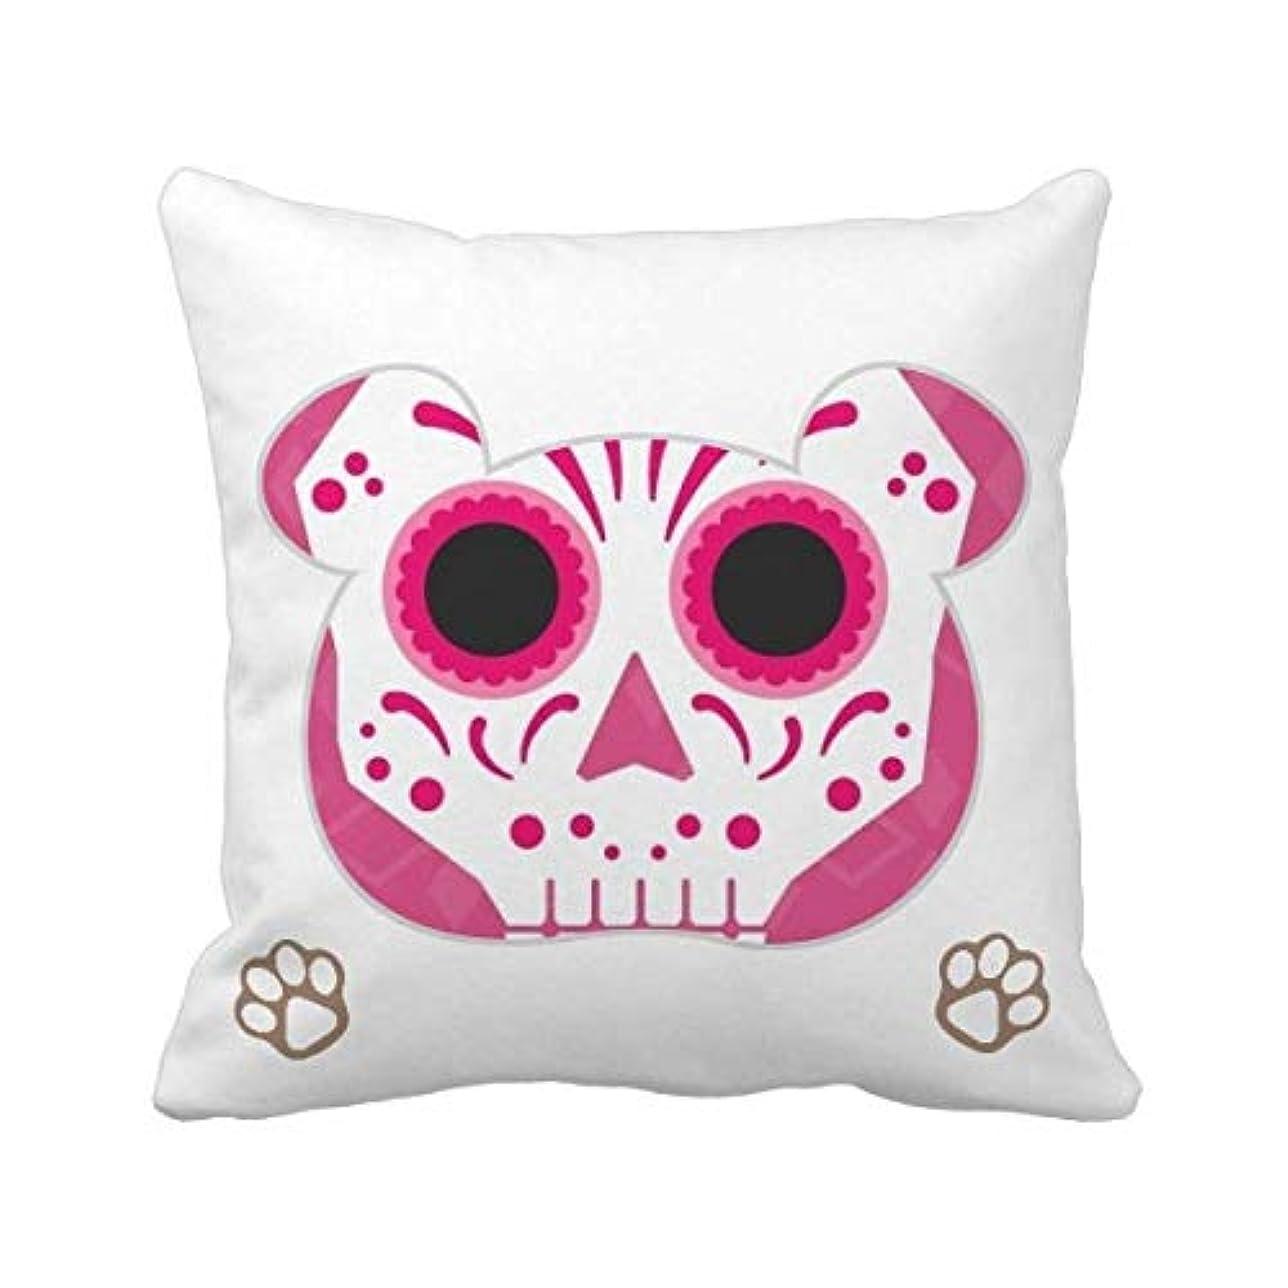 幸運疑い者手数料ピンクの目の頭メキシコ国民文化のイラスト 枕カバーを放り投げてスクエアベア 50cm x 50cm